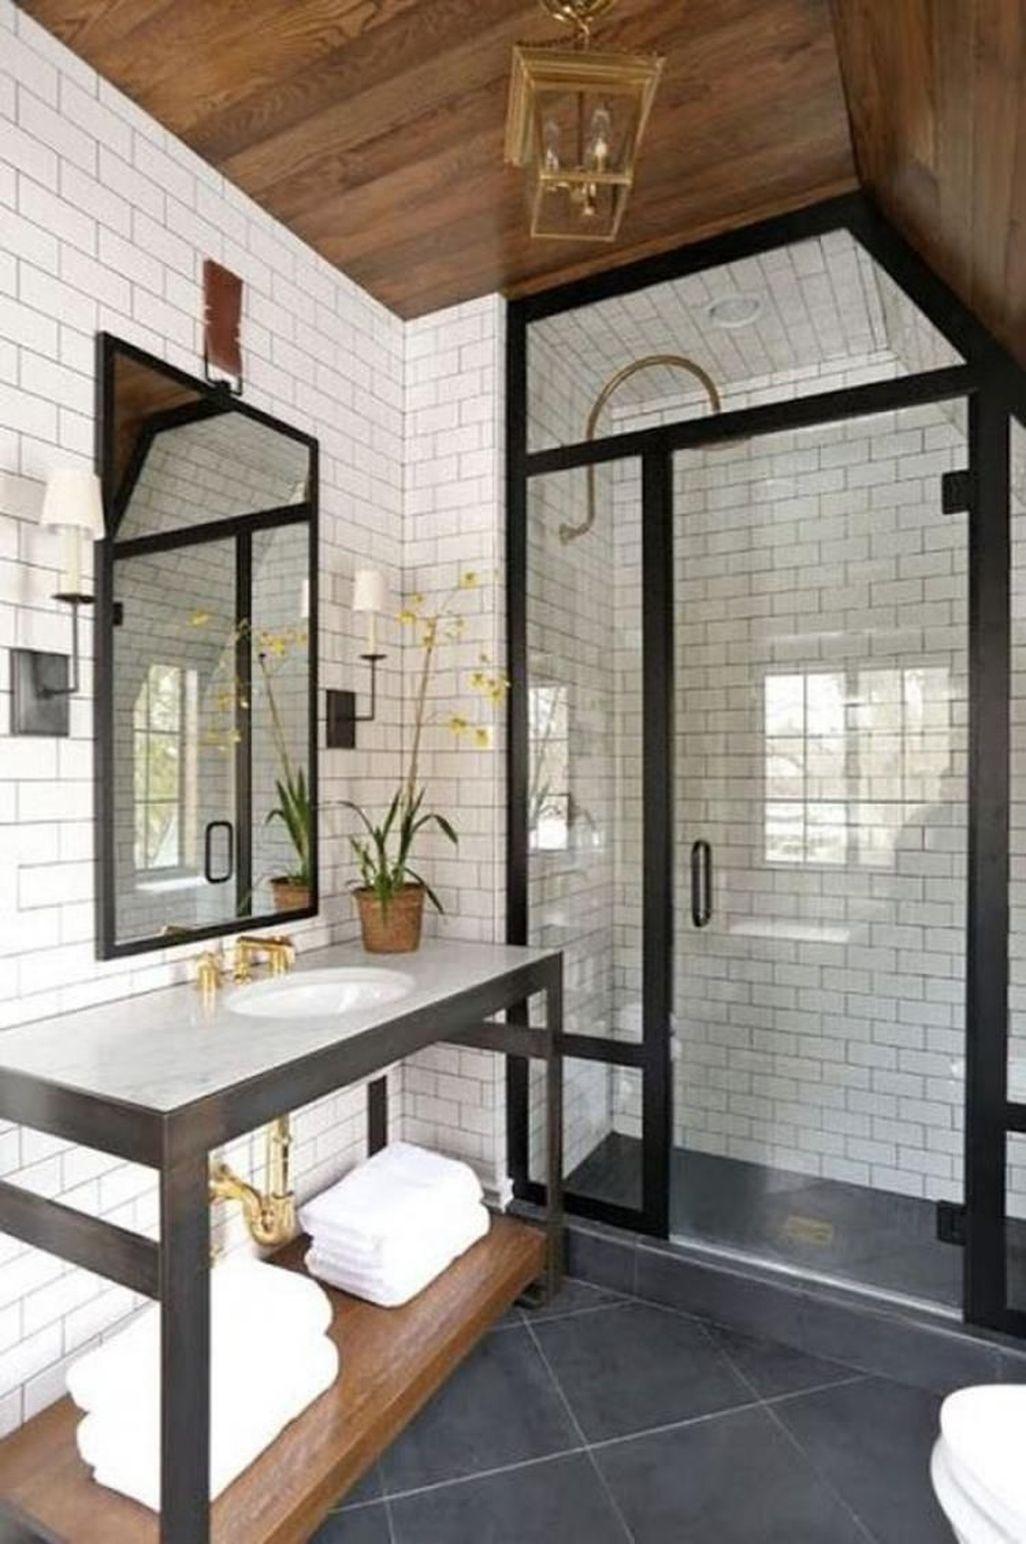 Fresh Rustic Farmhouse Master Bathroom Remodel Ideas 19